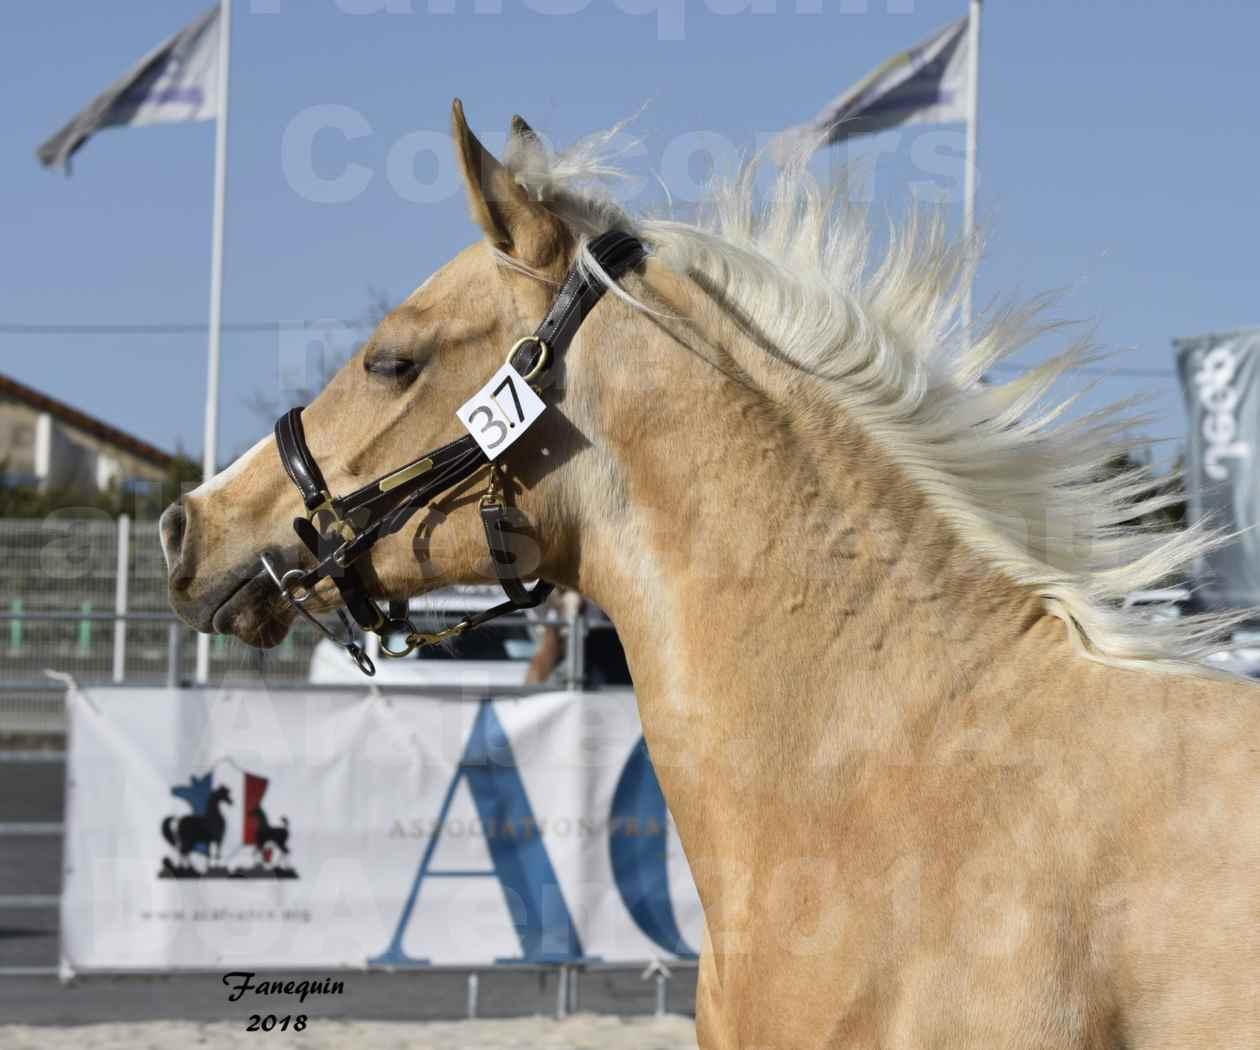 Concours d'élevage de Chevaux Arabes - Demi Sang Arabes - Anglo Arabes - ALBI les 6 & 7 Avril 2018 - GOLD DE DARRE - Notre Sélection - Portraits - 5